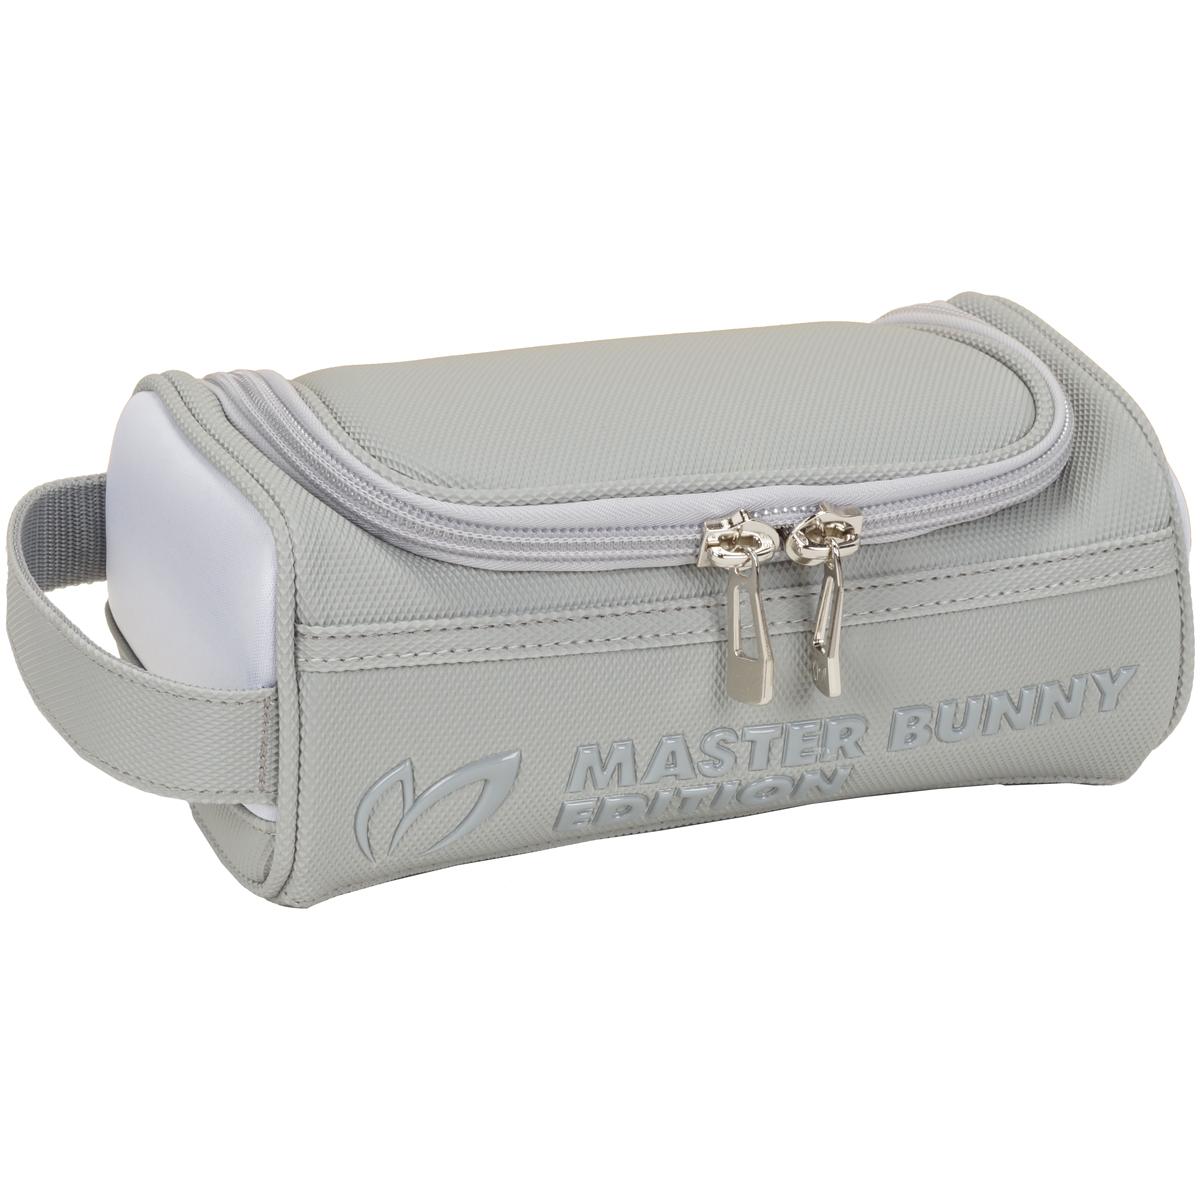 ポリ塩化ビニル×ネオプレーン カートバッグ